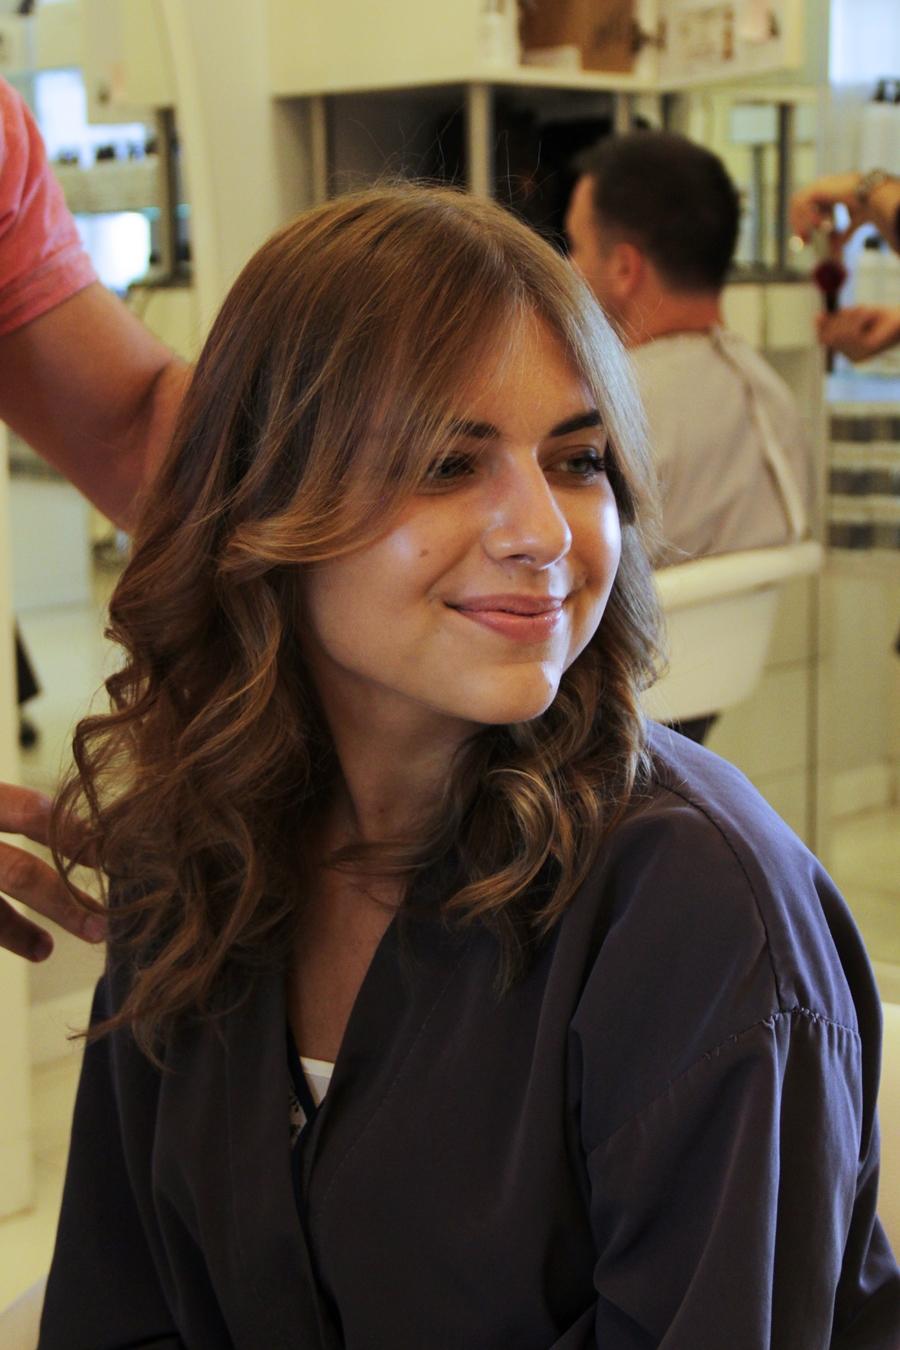 hair style curls